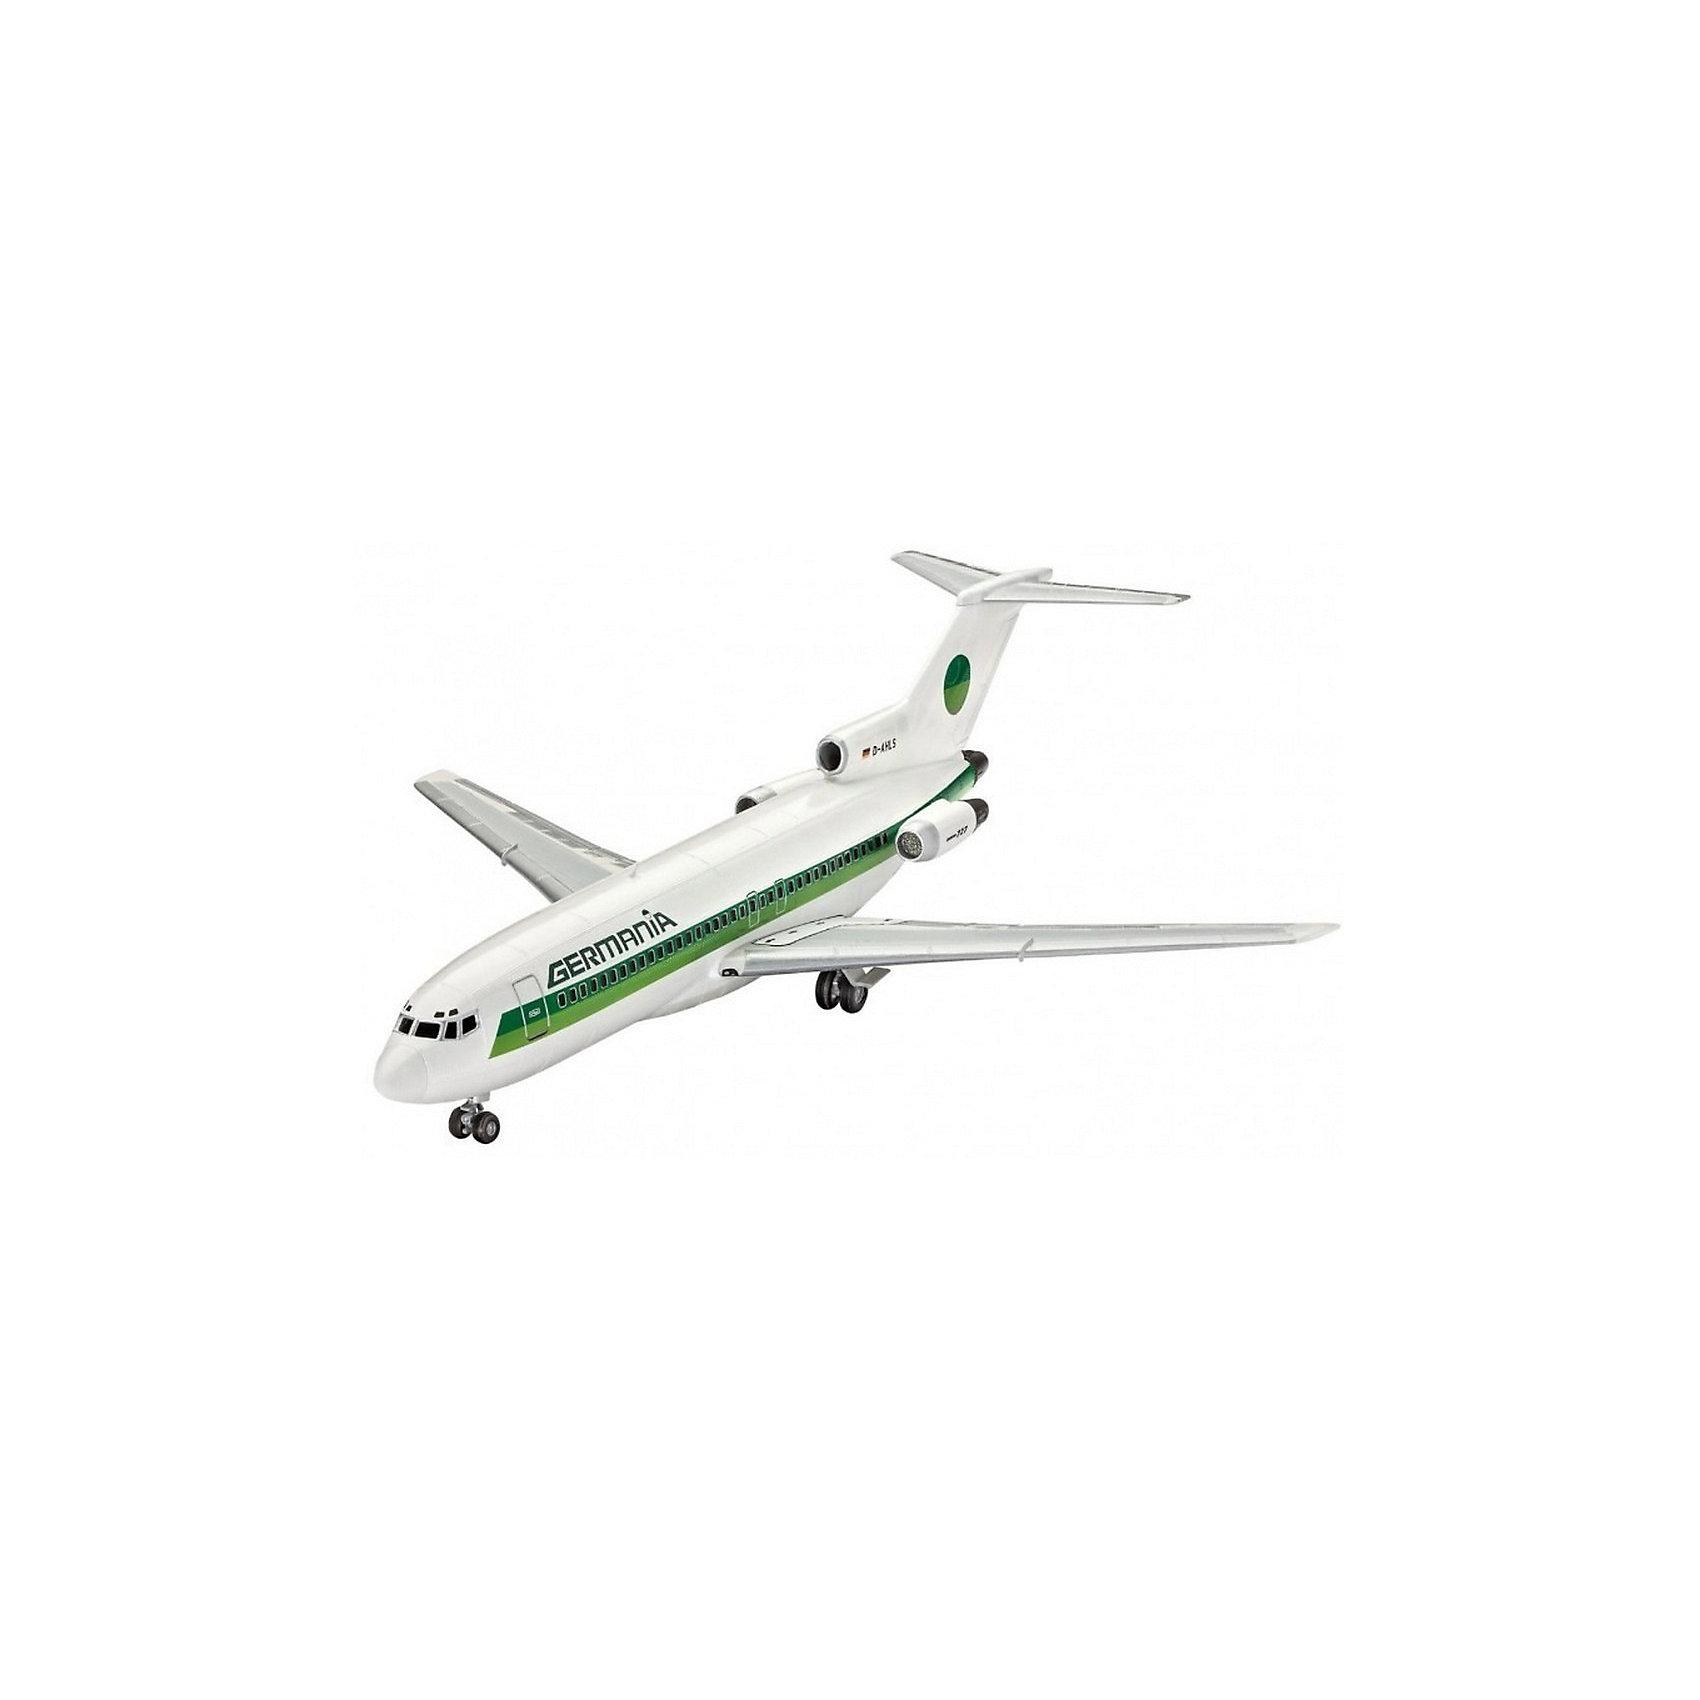 Пасскажирский самолет Boeing 727-100 авиакомпании GermaniaМодели для склеивания<br>Сборная модель пассажирского лайнера Boeing 727-100 в масштабе 1 к 144. Детали модели изготовлены из пластика. Их необходимо склеить, а затем окрасить. Рекомендуем использовать акриловую или эмалевую краску.  <br>В набор входят декали для сборки самолета в ливрее авиакомпании Germania <br>Внимание! В комплект не включены расходные материалы и инструменты. Клей и краски необходимо приобретать отдельно. <br>Масштаб модели: 1/144  <br>Длина модели в собранном виде 27,1 сантиметра  <br>Размах крыльев  23 сантиметра  <br>В комплекте 51 деталь, декали и руководство по сборке <br>Рекомендуется для детей в возрасте от 10 лет.<br><br>Ширина мм: 9999<br>Глубина мм: 9999<br>Высота мм: 9999<br>Вес г: 9999<br>Возраст от месяцев: 120<br>Возраст до месяцев: 2147483647<br>Пол: Мужской<br>Возраст: Детский<br>SKU: 7122363